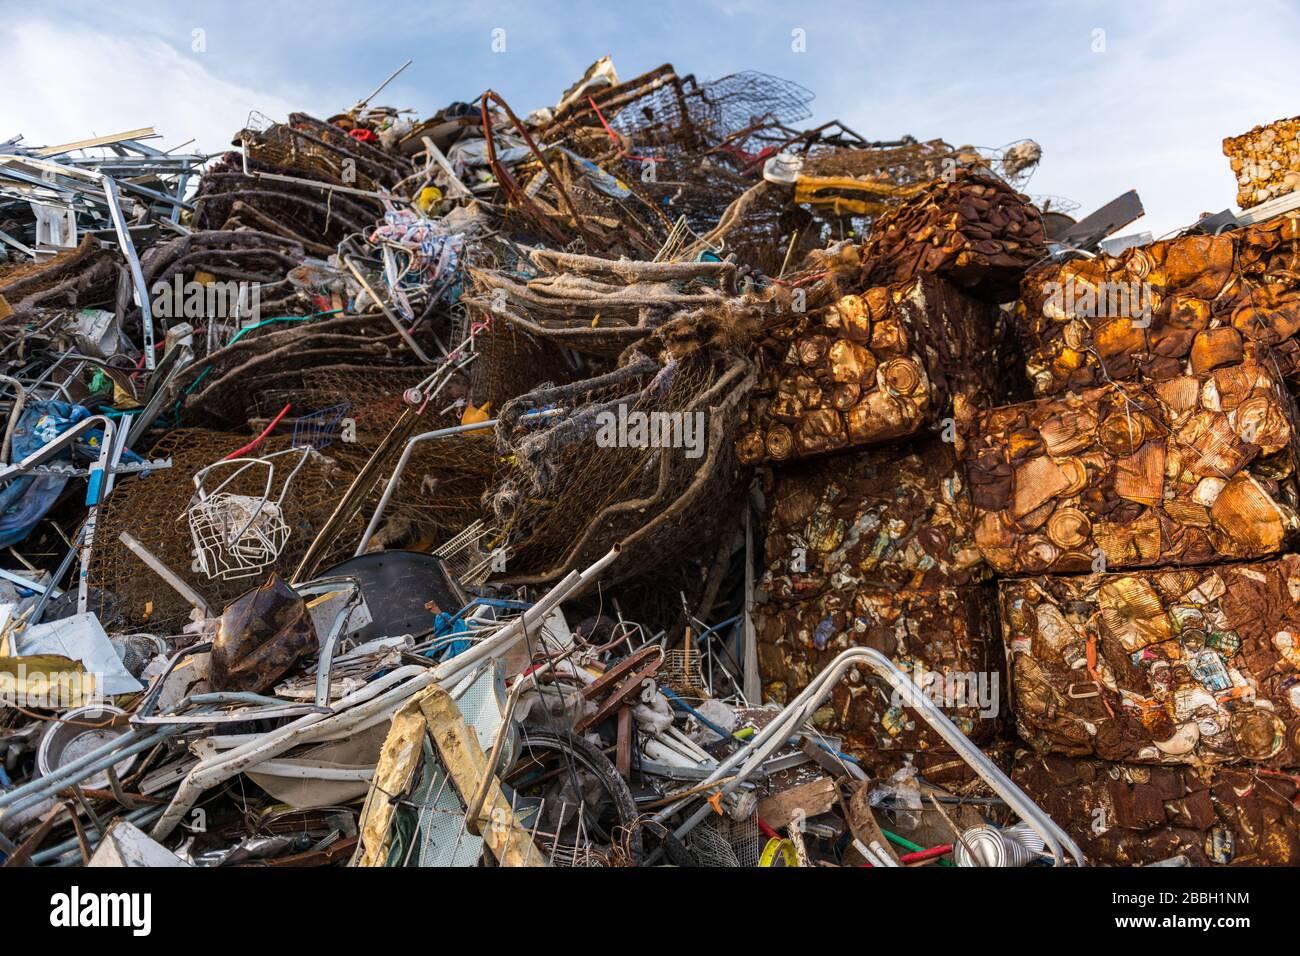 Cubos de latas oxidadas prensadas y apiladas junto a otros desechos en un patio de desechos. Foto de stock